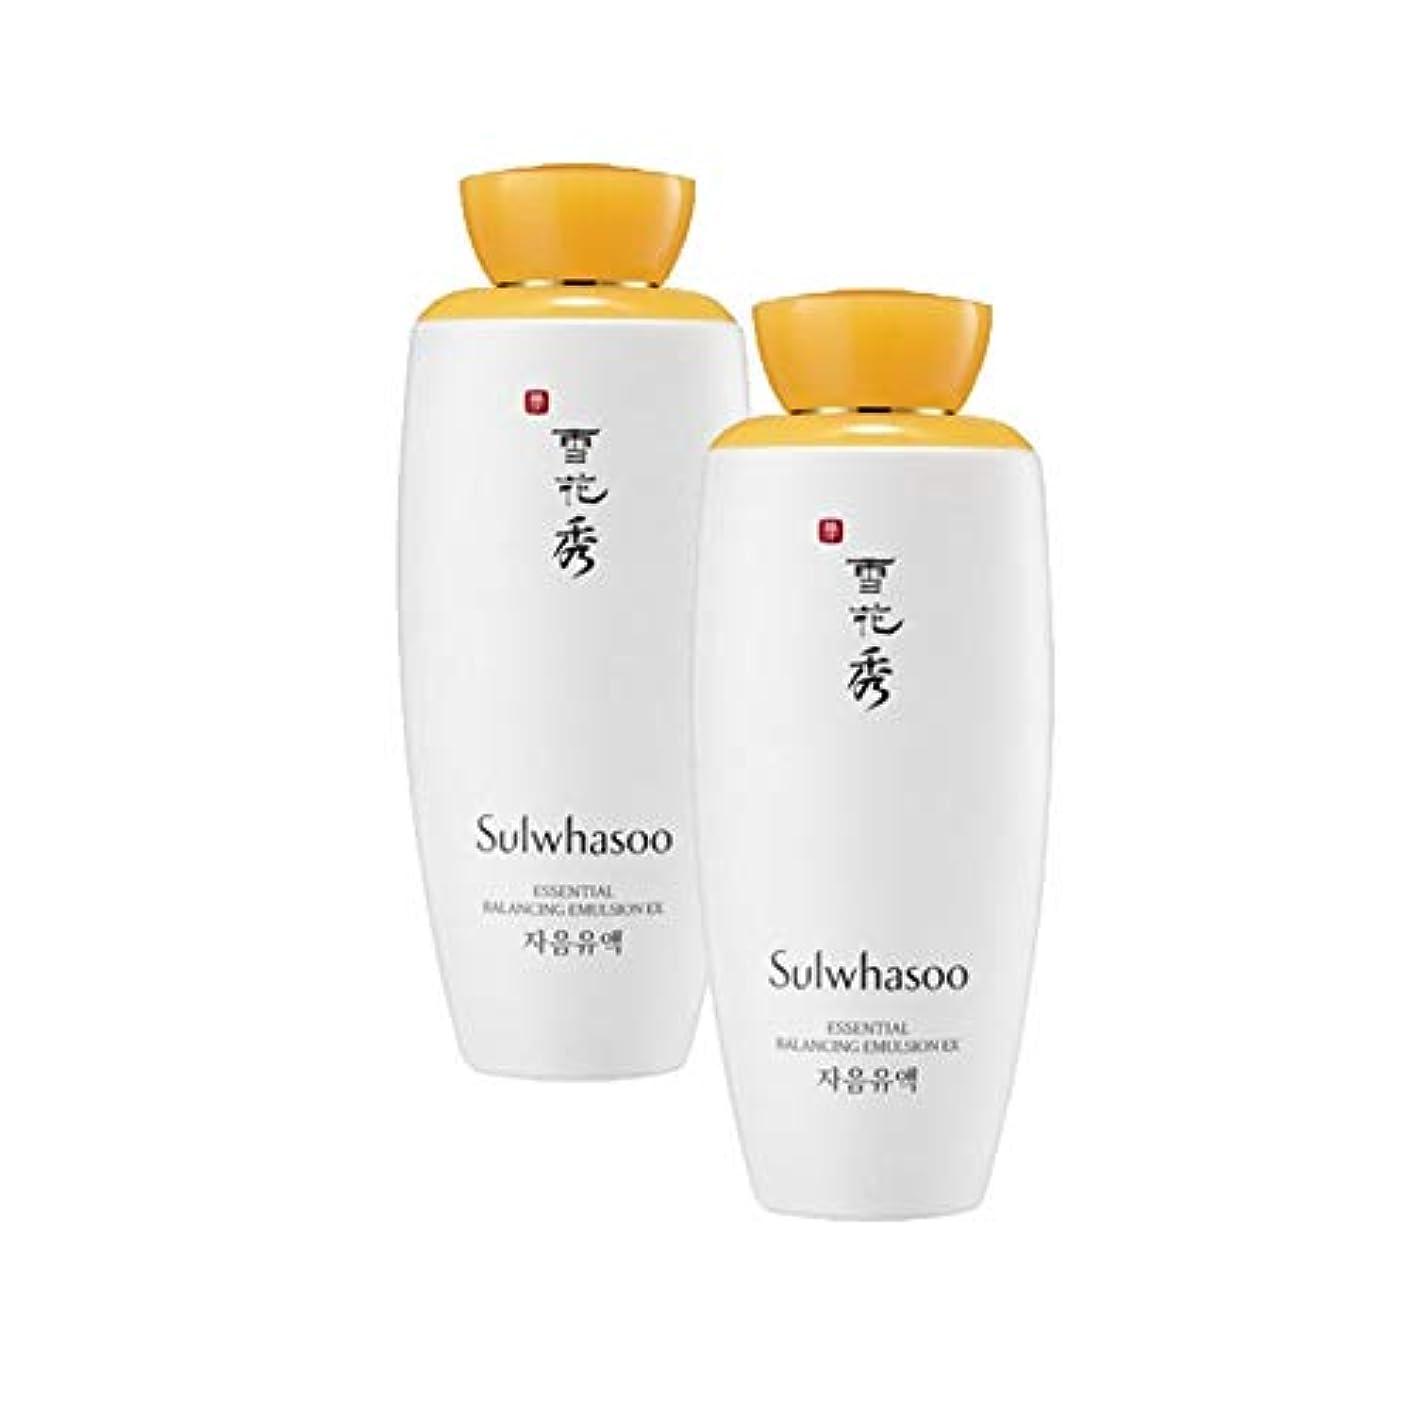 雪花秀エッセンシャルバランシングエマルジョンEX 125mlx2本セット韓国コスメ、Sulwhasoo Essential Balancing Emulsion EX 125ml x 2ea Set Korean Cosmetics...